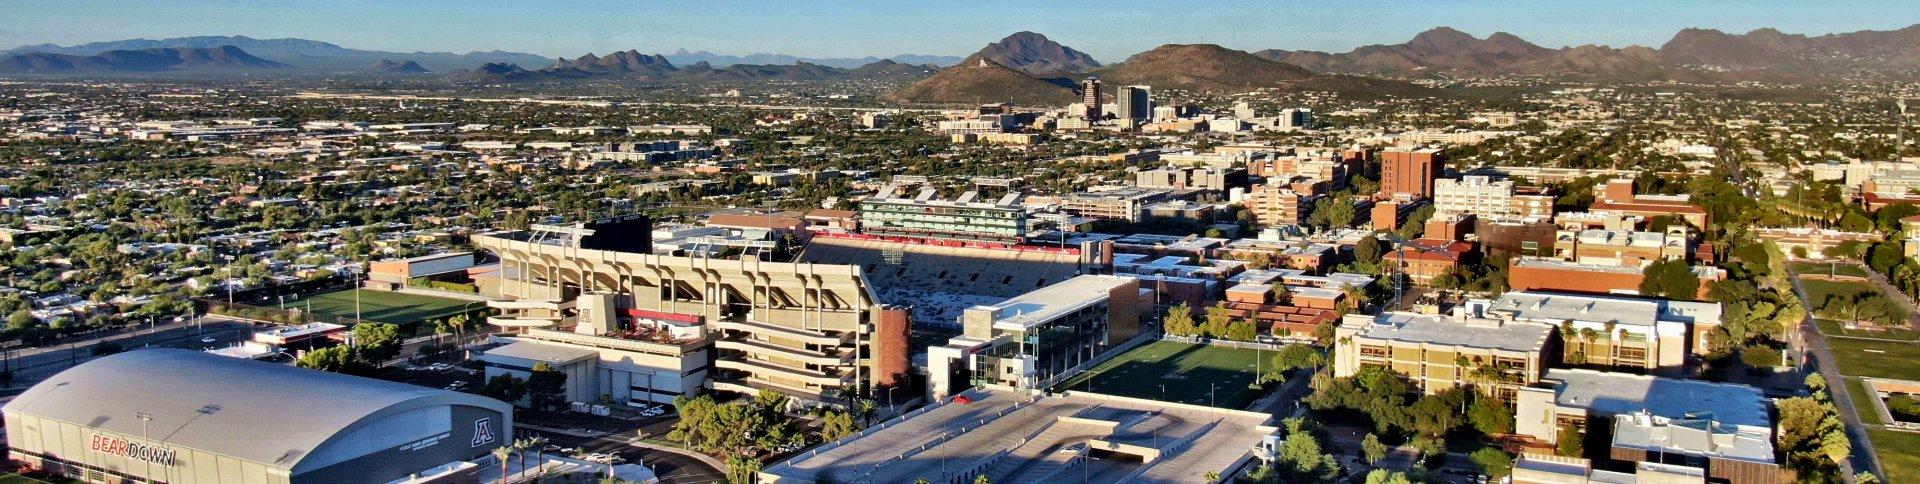 Tucson Arizona